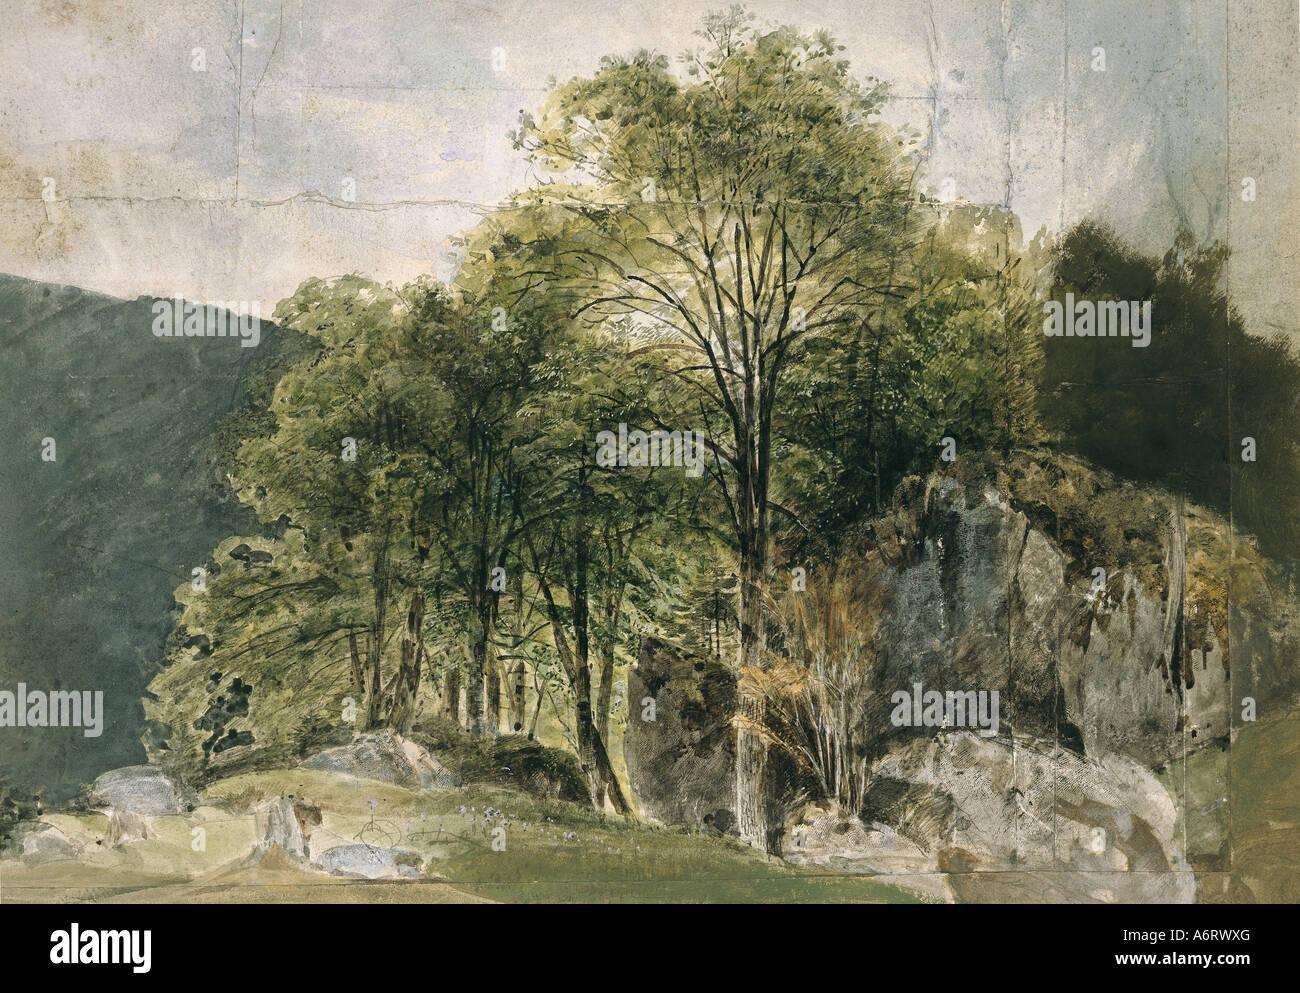 Belle arti, romanticismo, pittura, faggeto nelle prealpi, acquarello di Kaiser, secolo XIX, 36x44,2 cm, privato Foto Stock